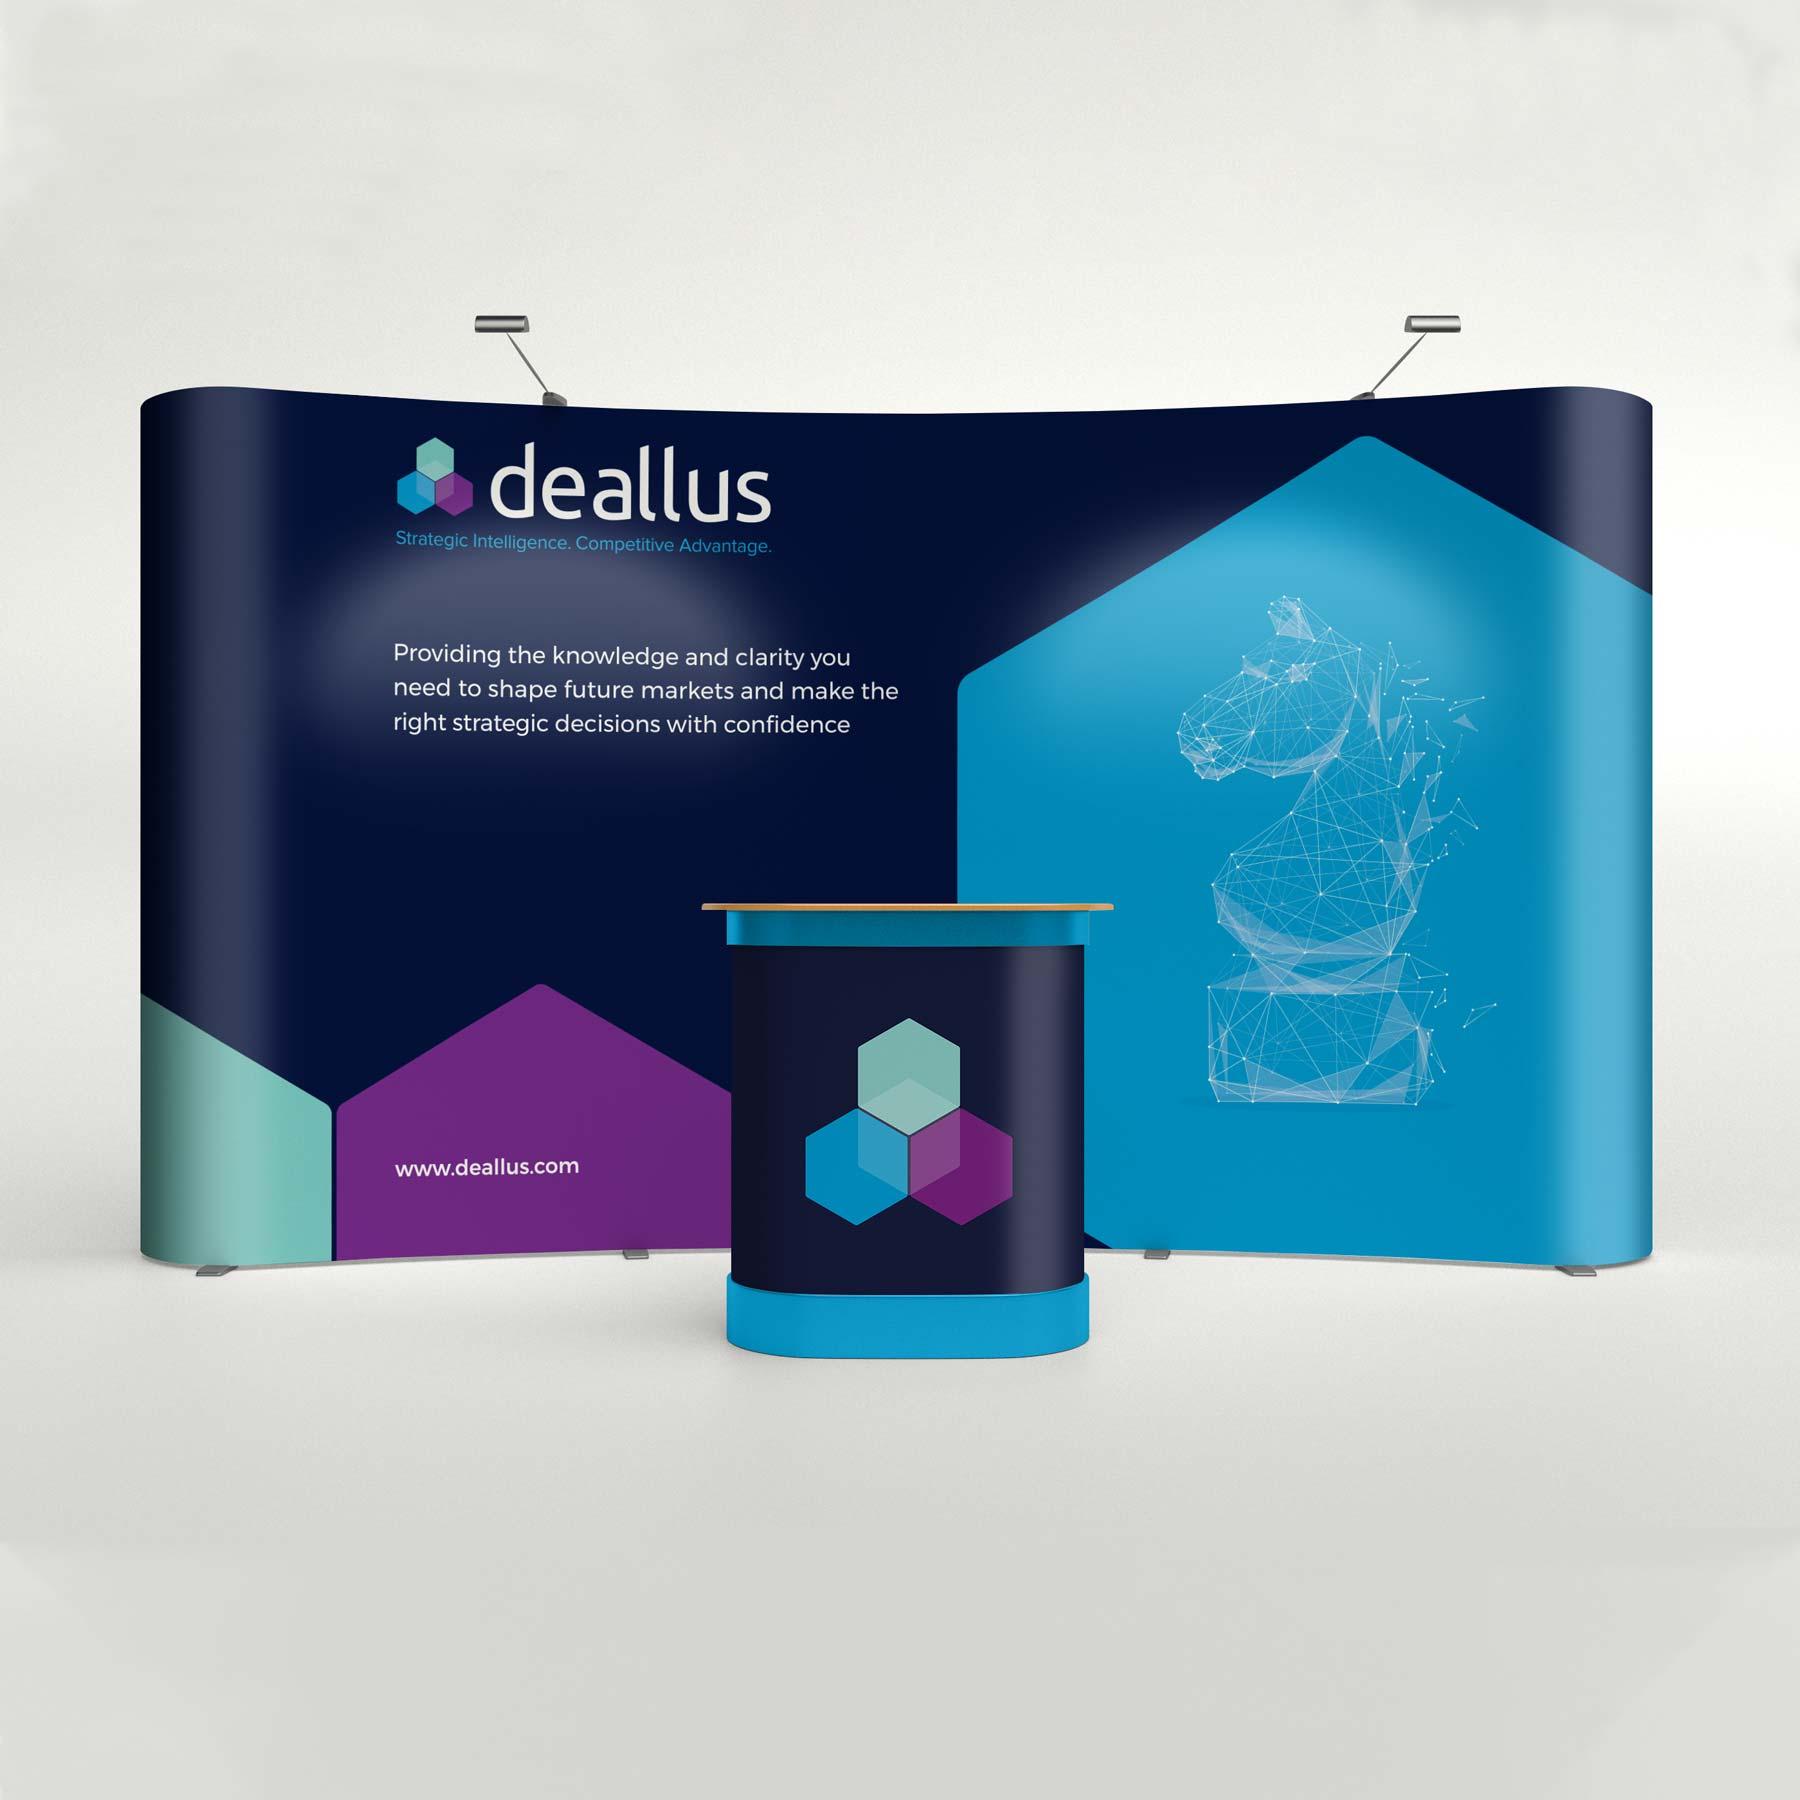 Deallus Banner Exhibition Stand Design